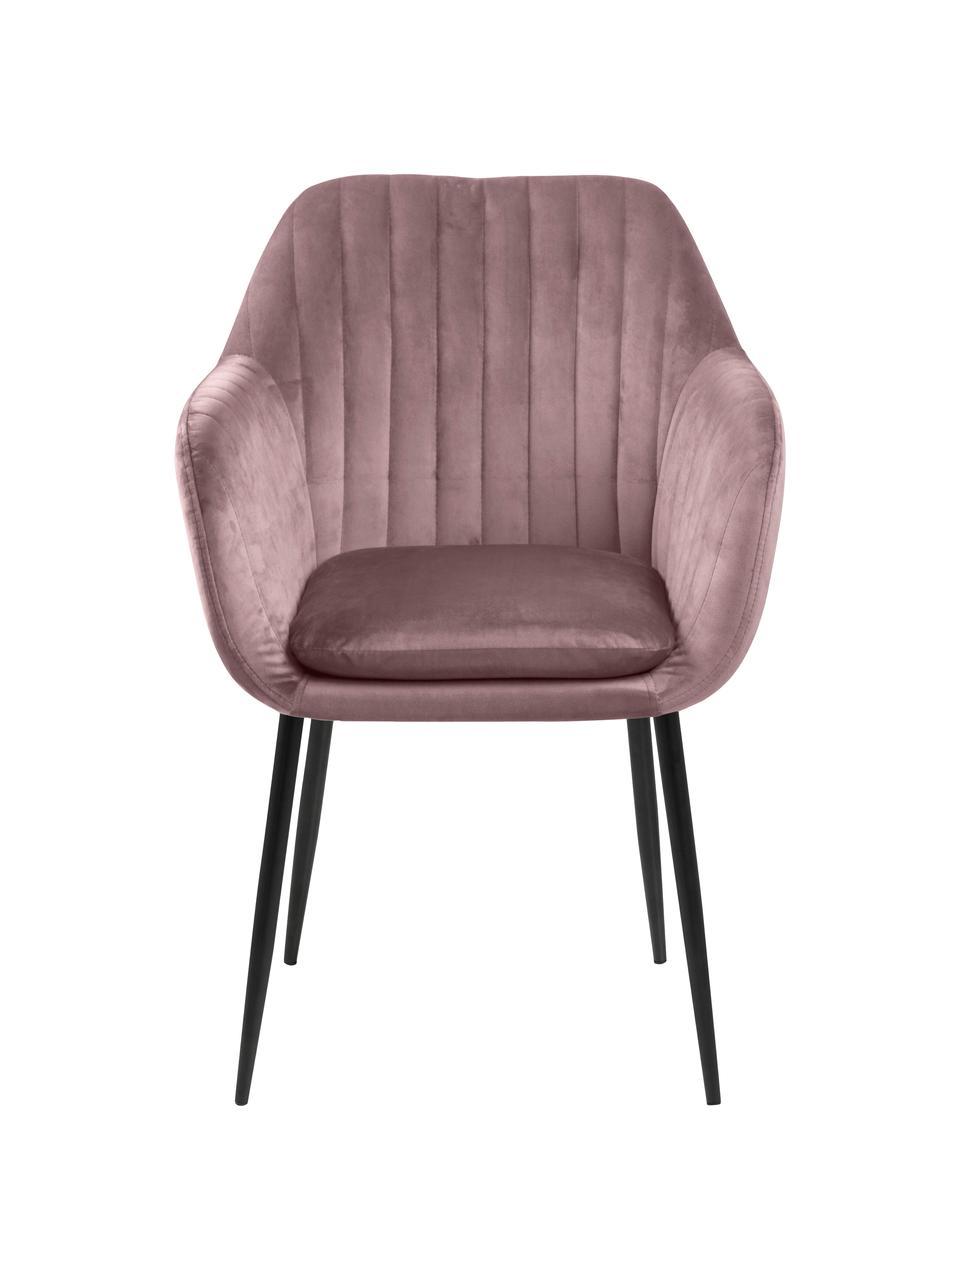 Krzesło z aksamitu z podłokietnikami i metalowymi nogami Emilia, Tapicerka: aksamit poliestrowy Dzięk, Nogi: metal lakierowany, Aksamit blady różowy, czarny, S 57 x G 59 cm